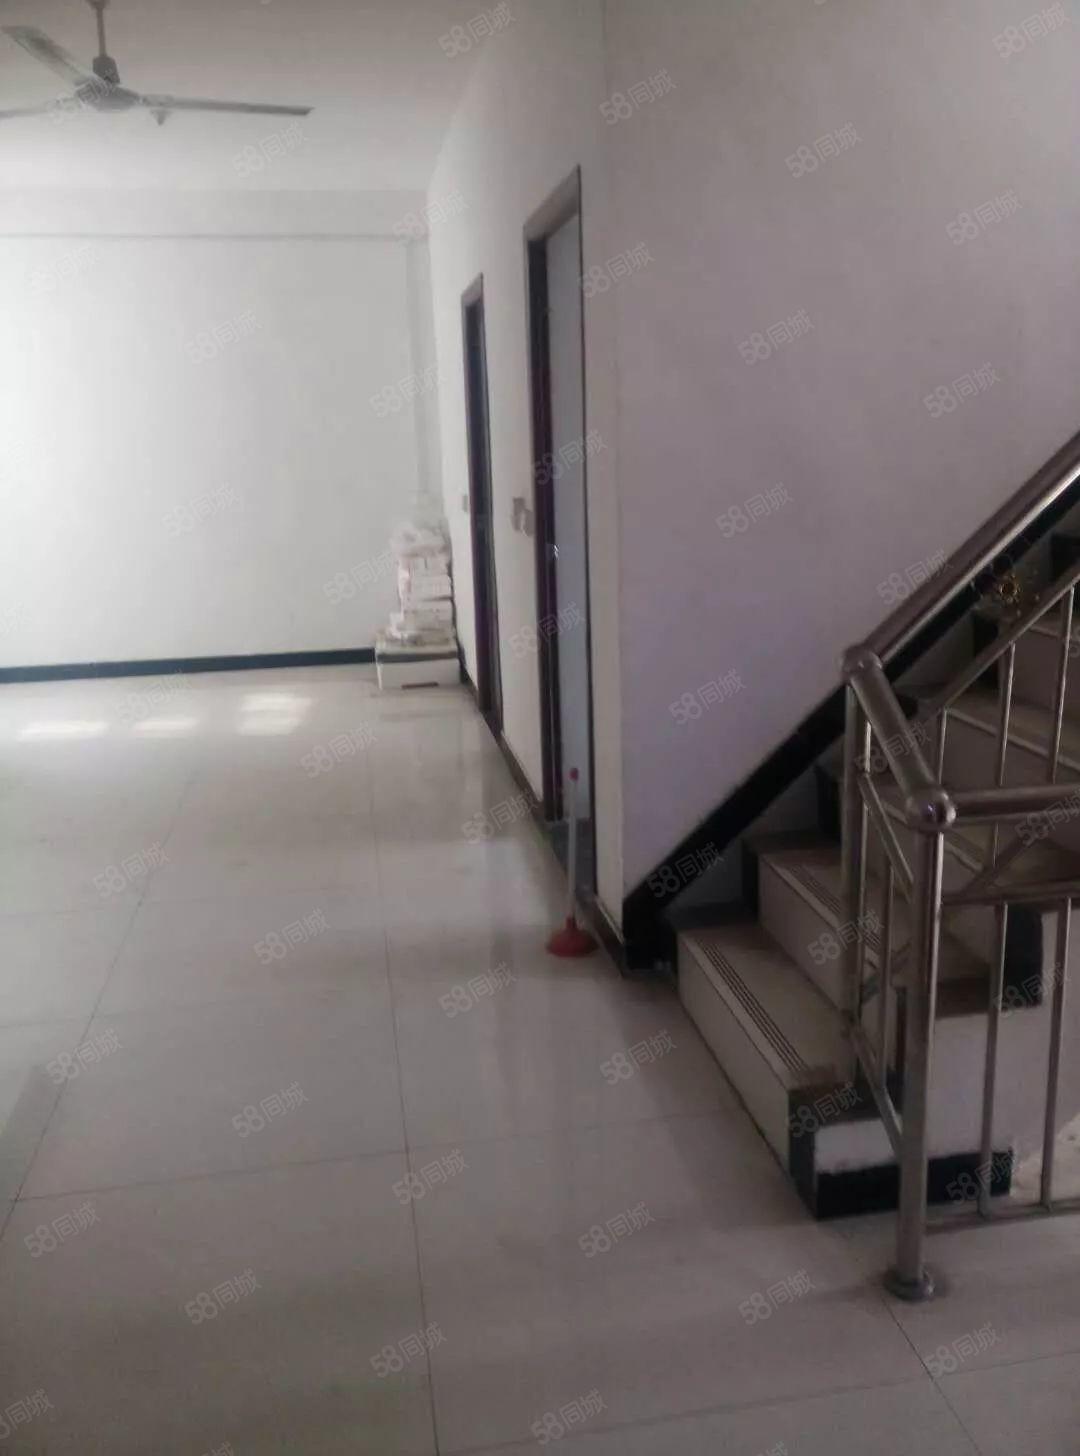 七一路中医院附近自建房!3层有意者速联系!全新装修!